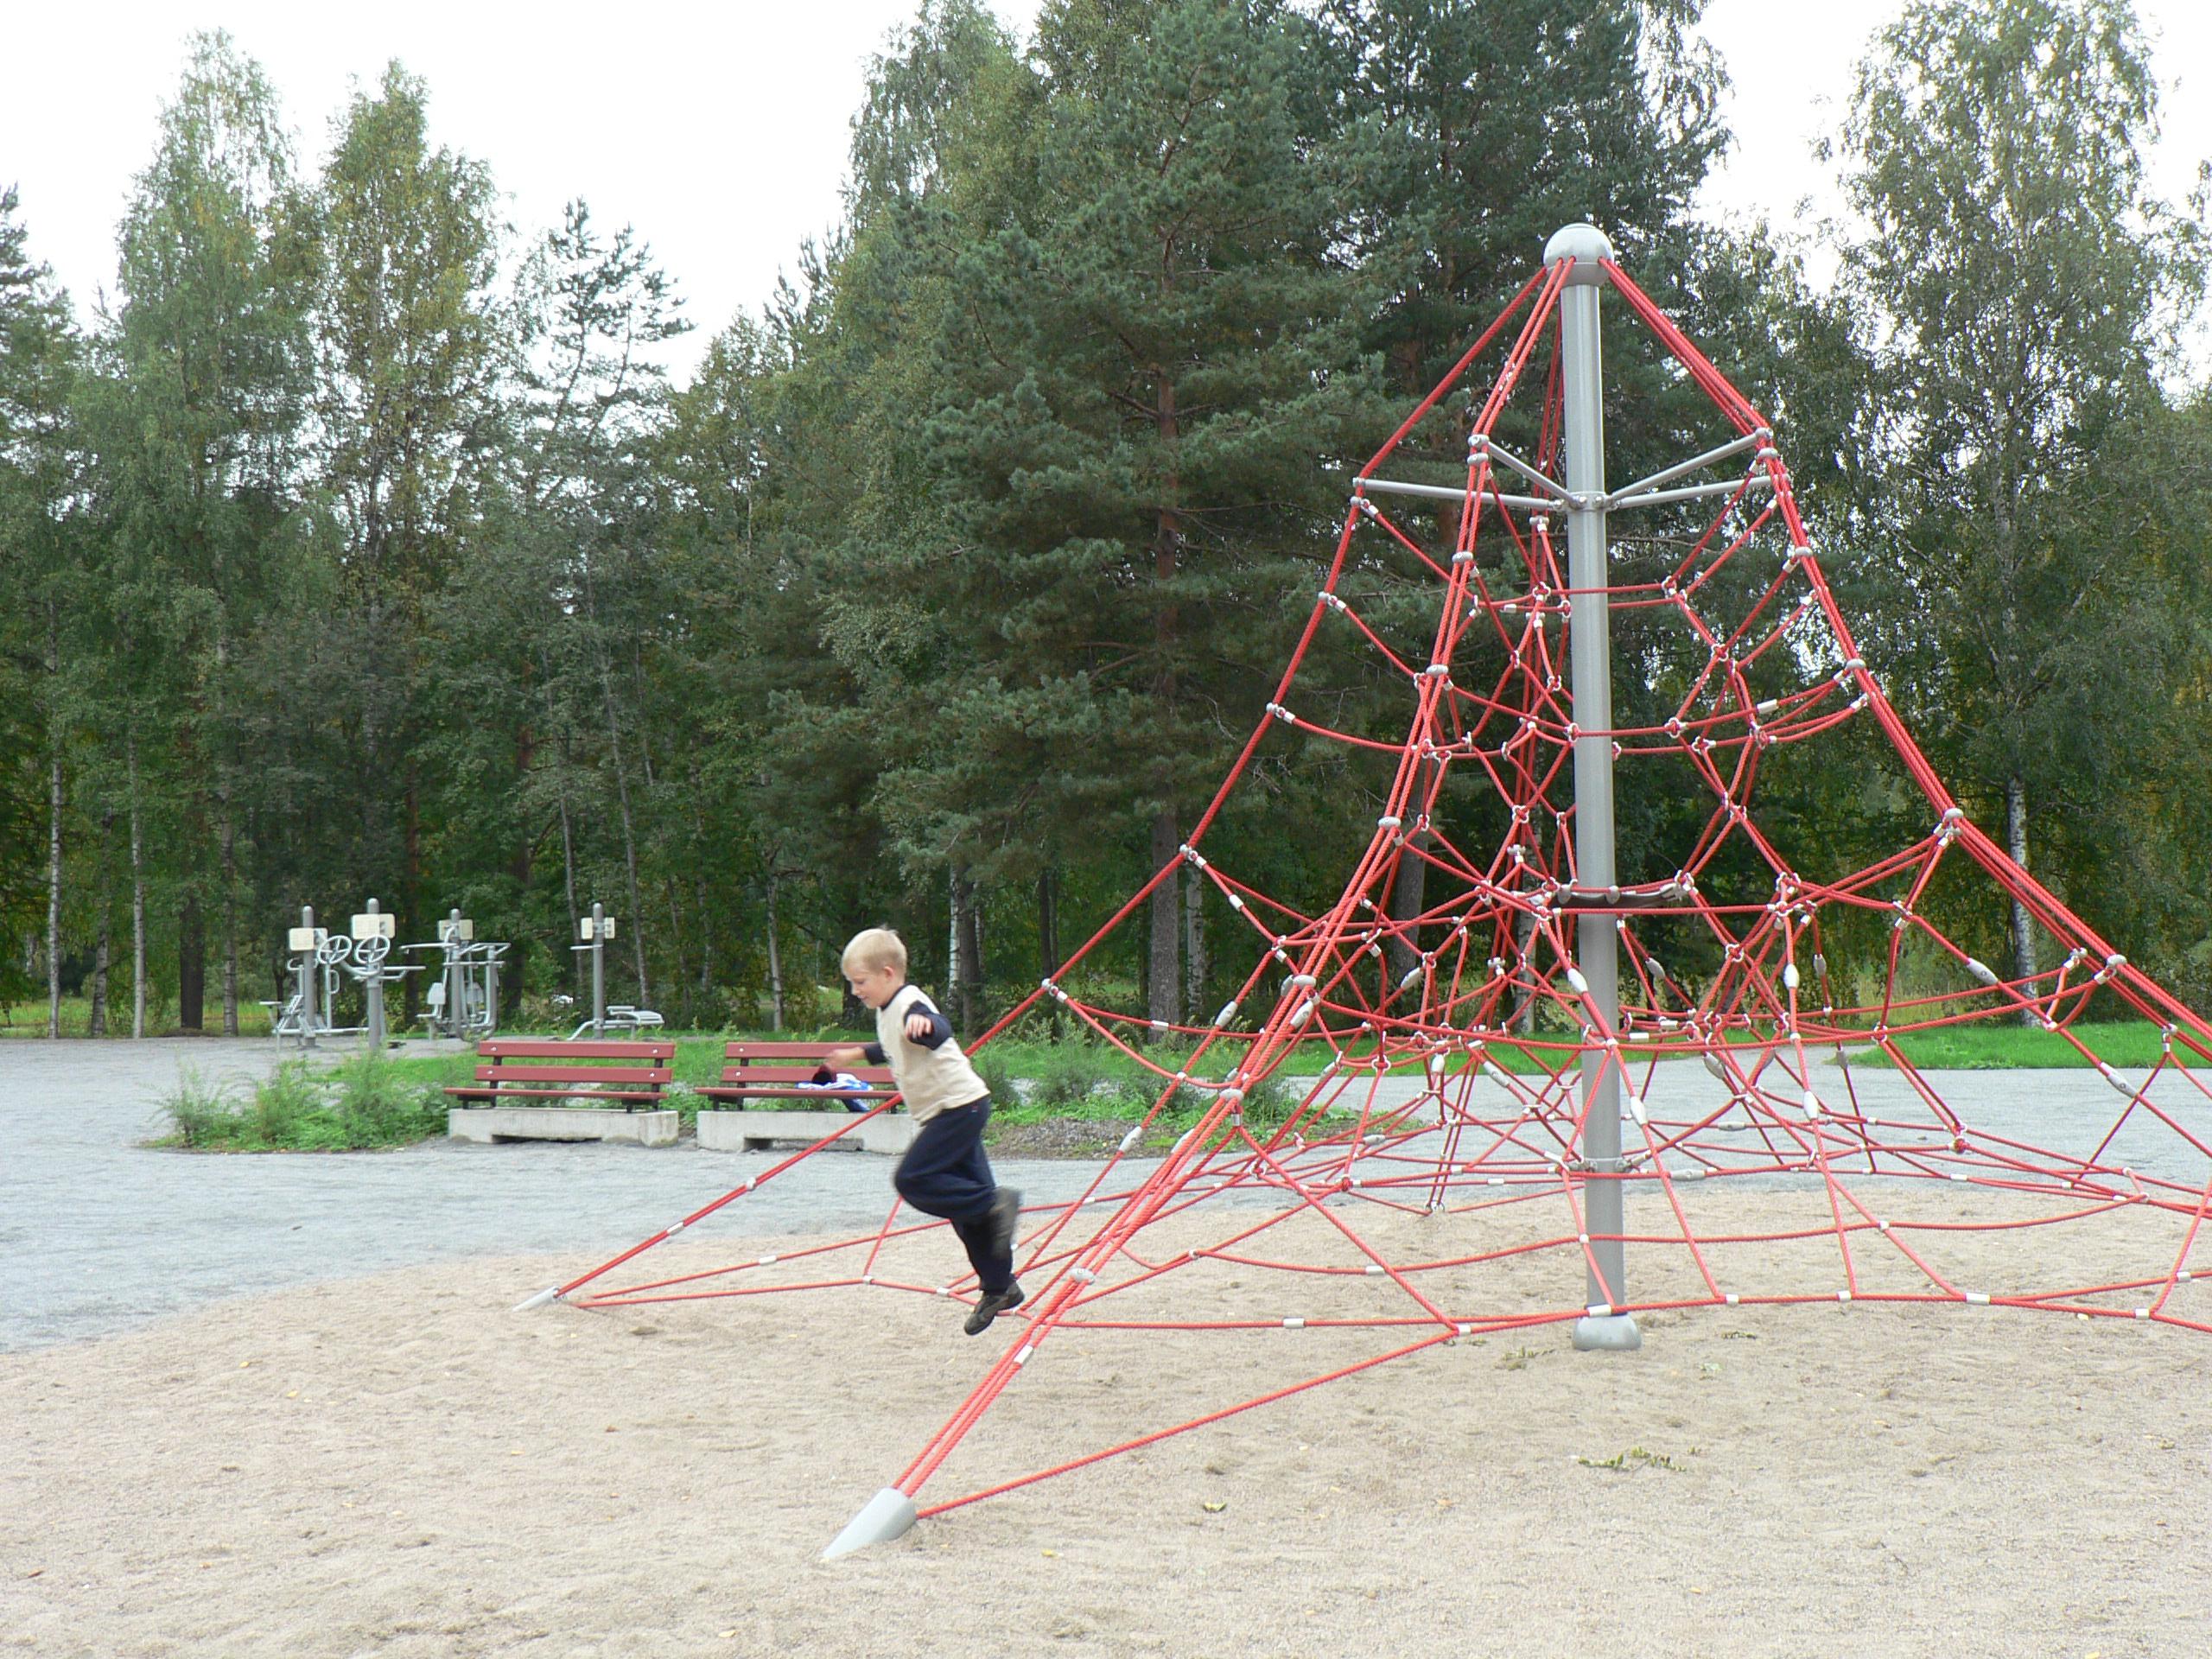 Puistossa sijaitseva lasten kiipeilyteline ja poika